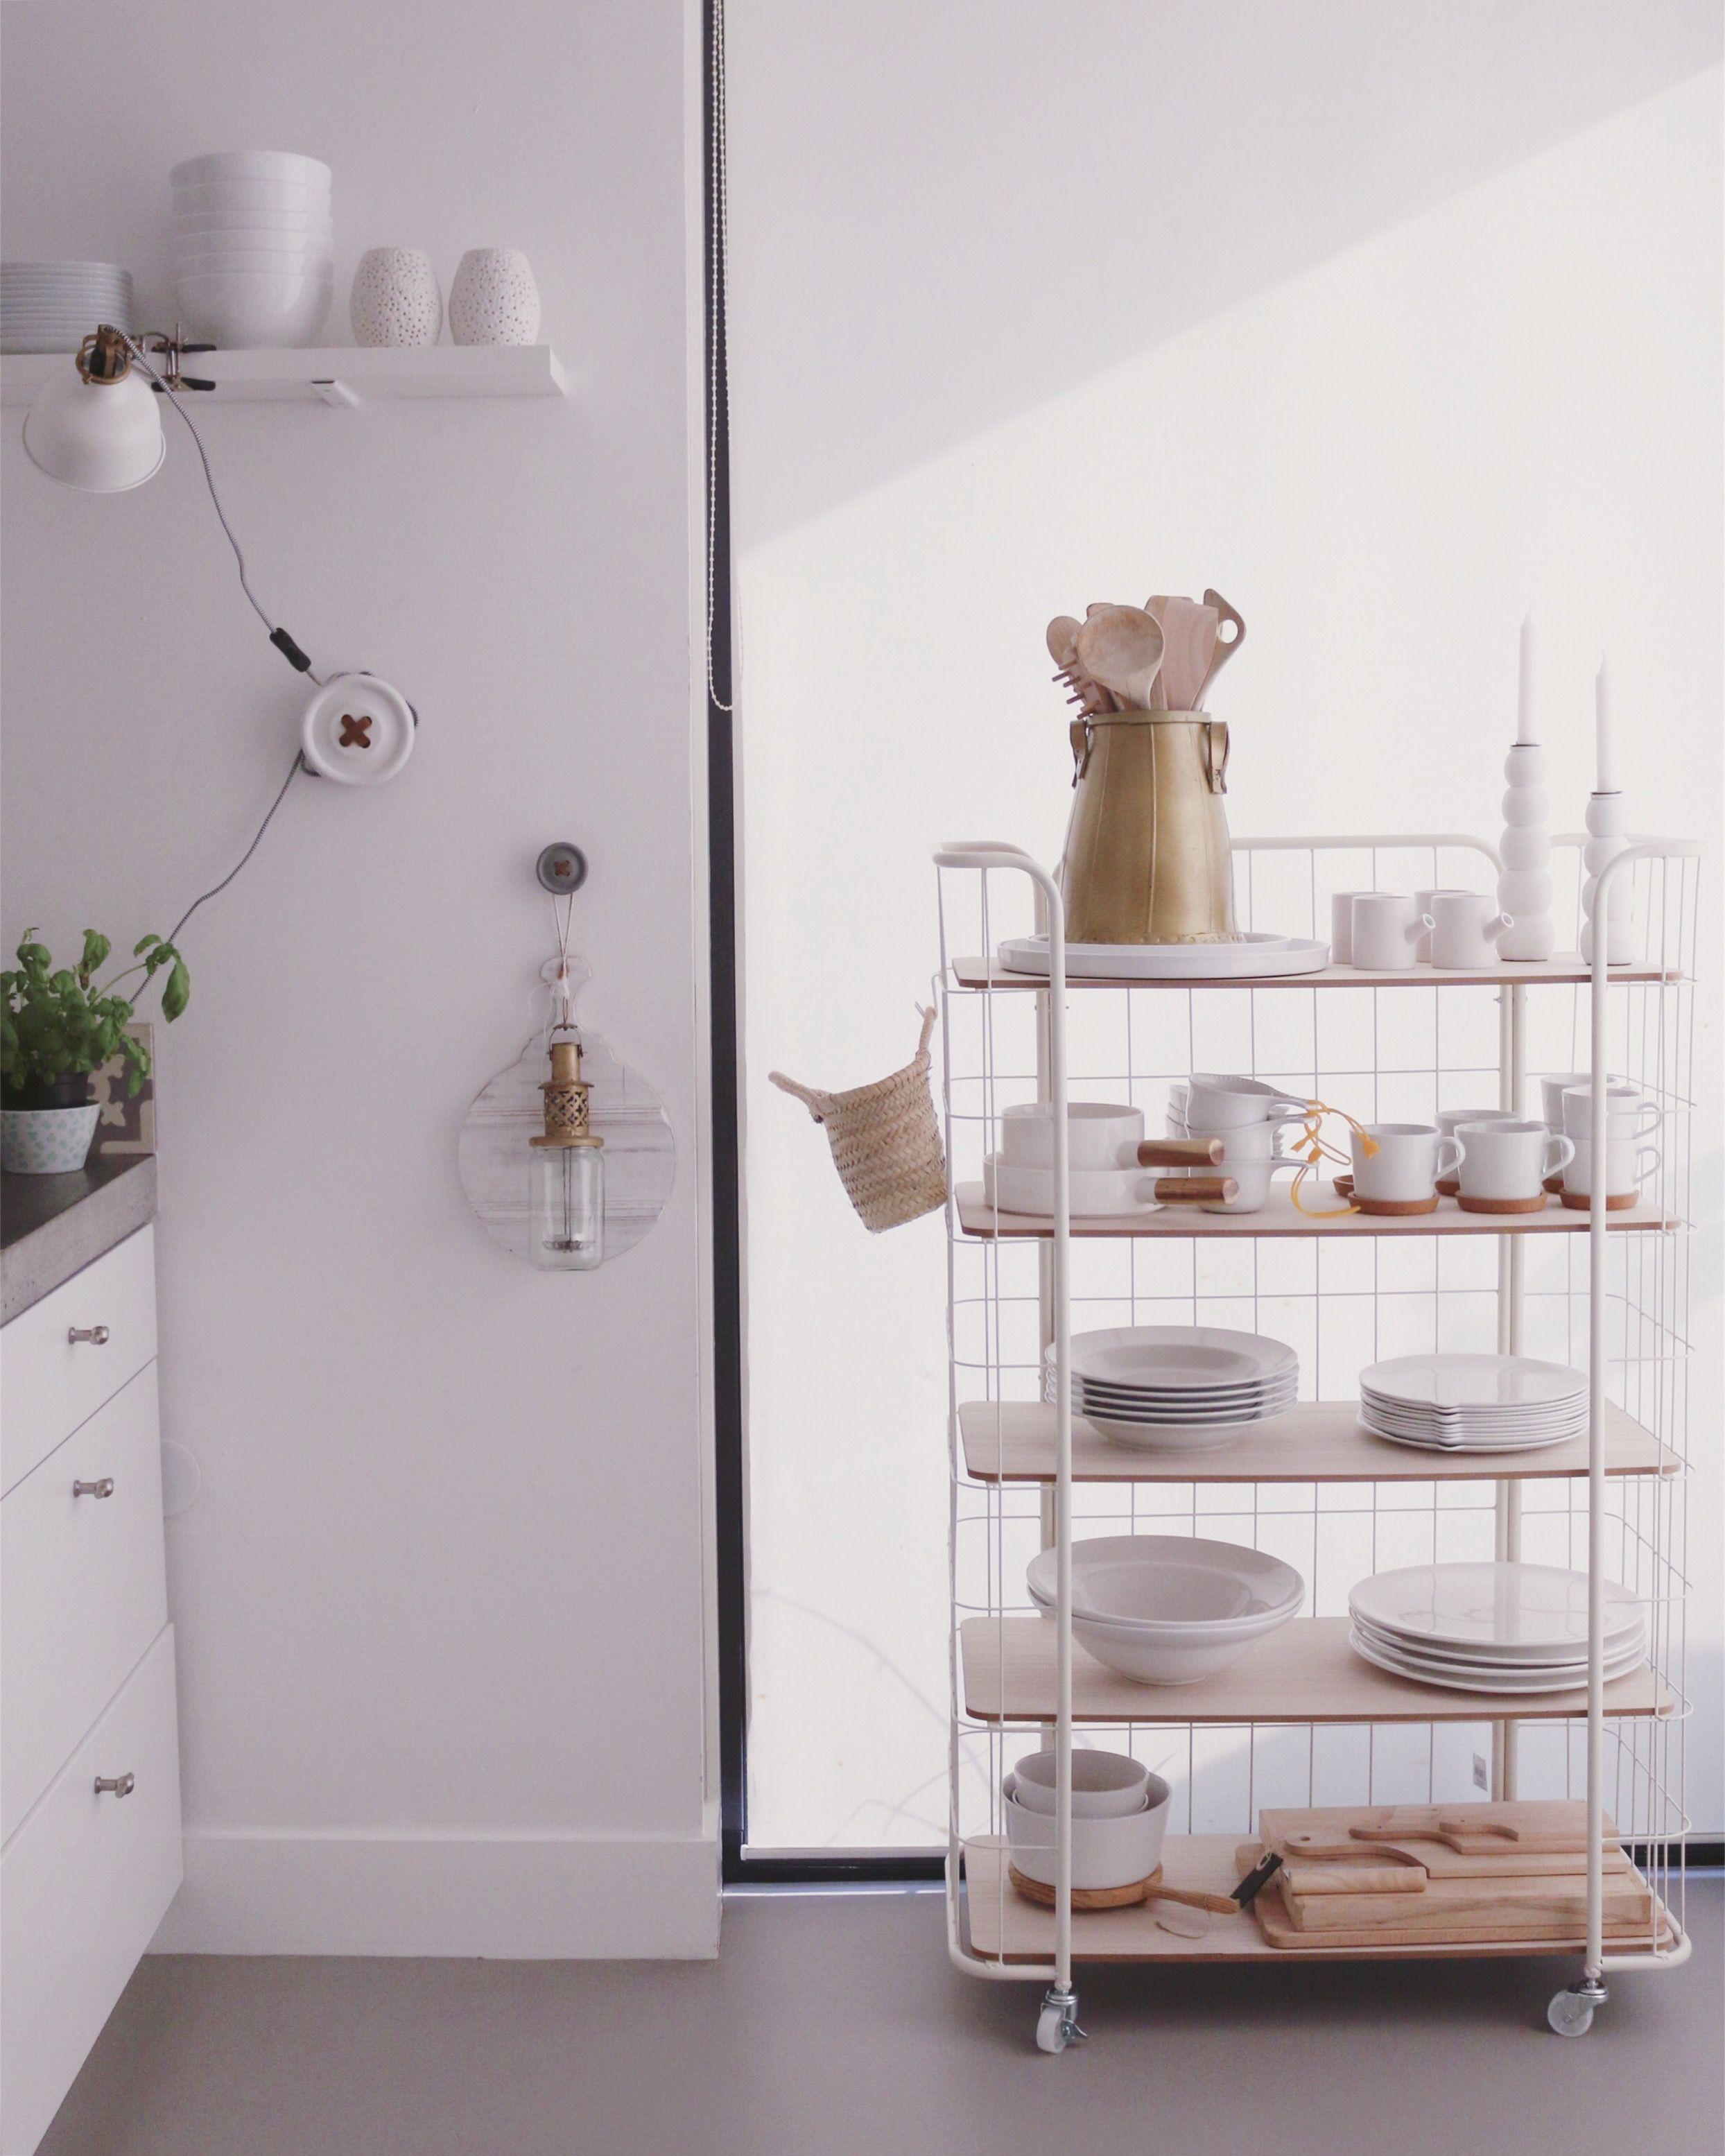 Bakkerskast in de keuken woonkamer pinterest keuken huisdecoratie en decoratie - Keuken decoratie ideeen ...